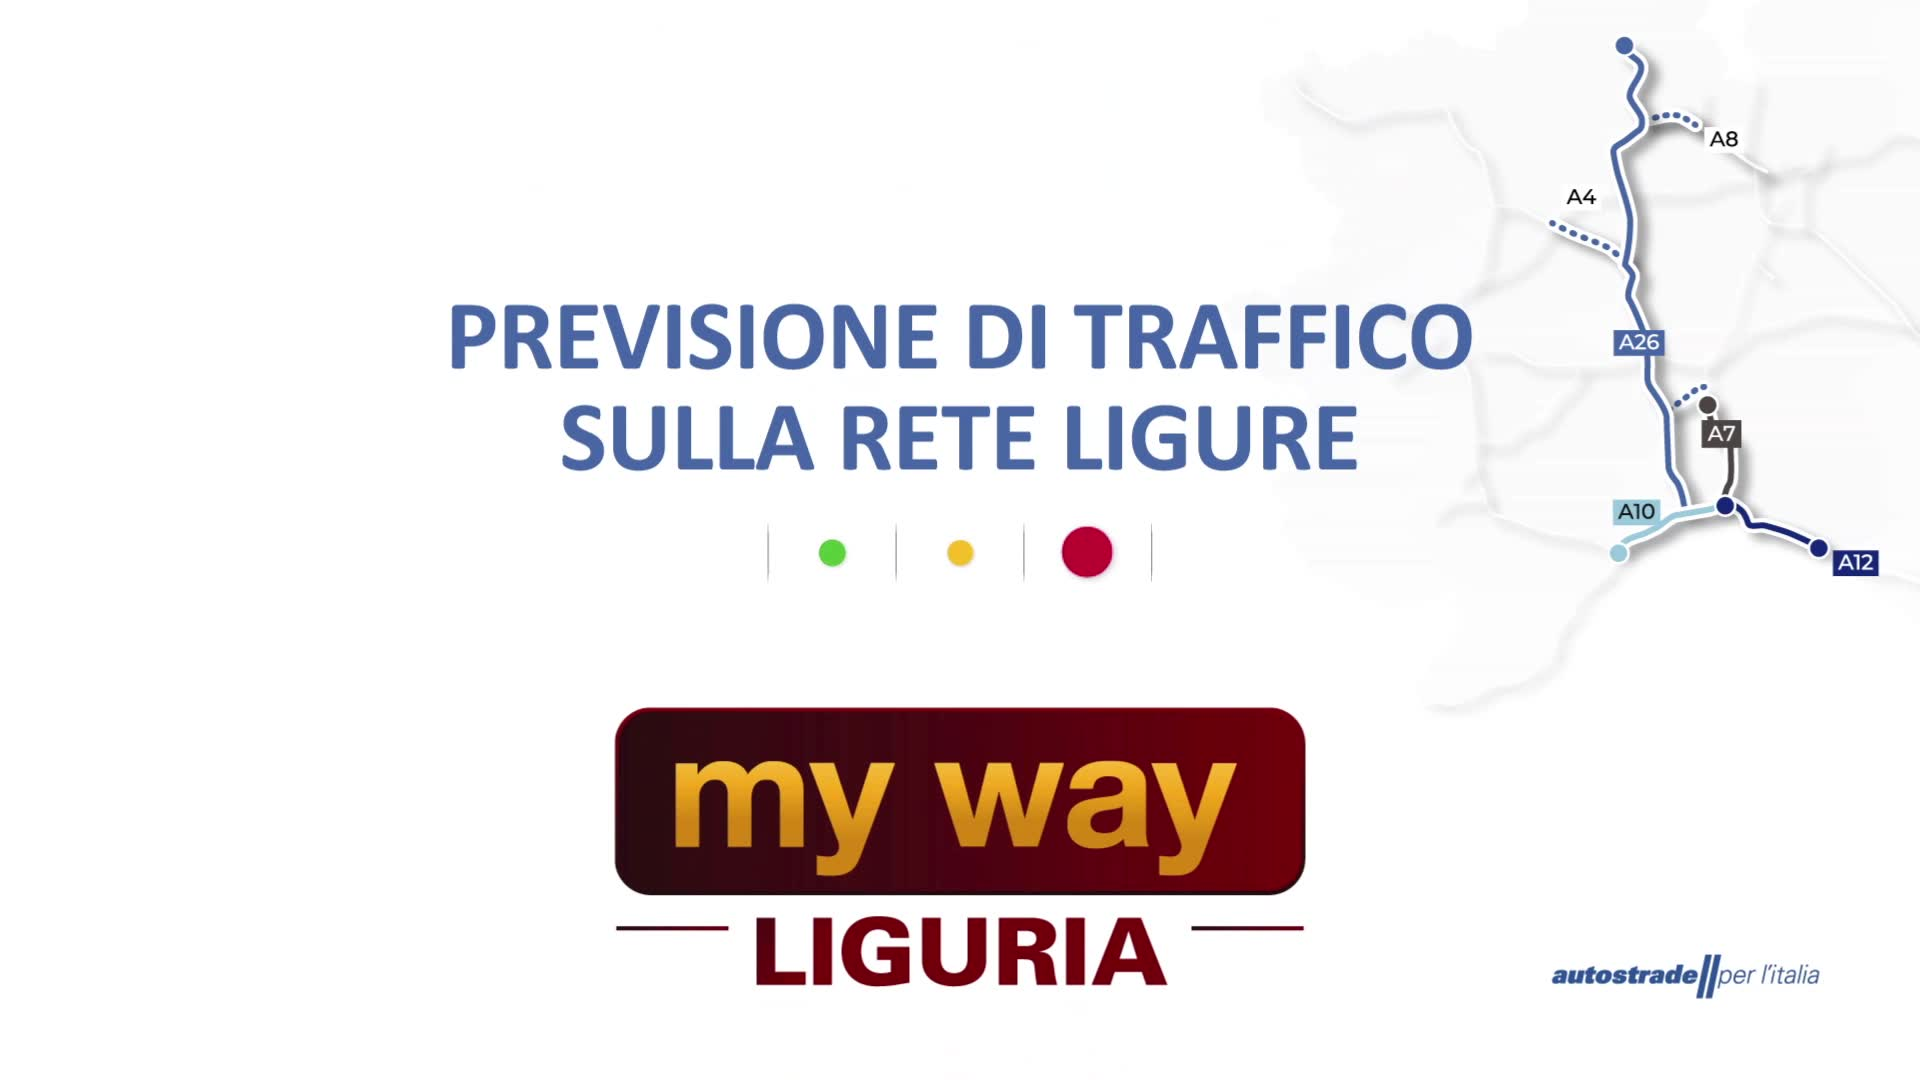 Le previsioni del traffico sulle autostrade della Liguria per la giornata di domenica 1 agosto